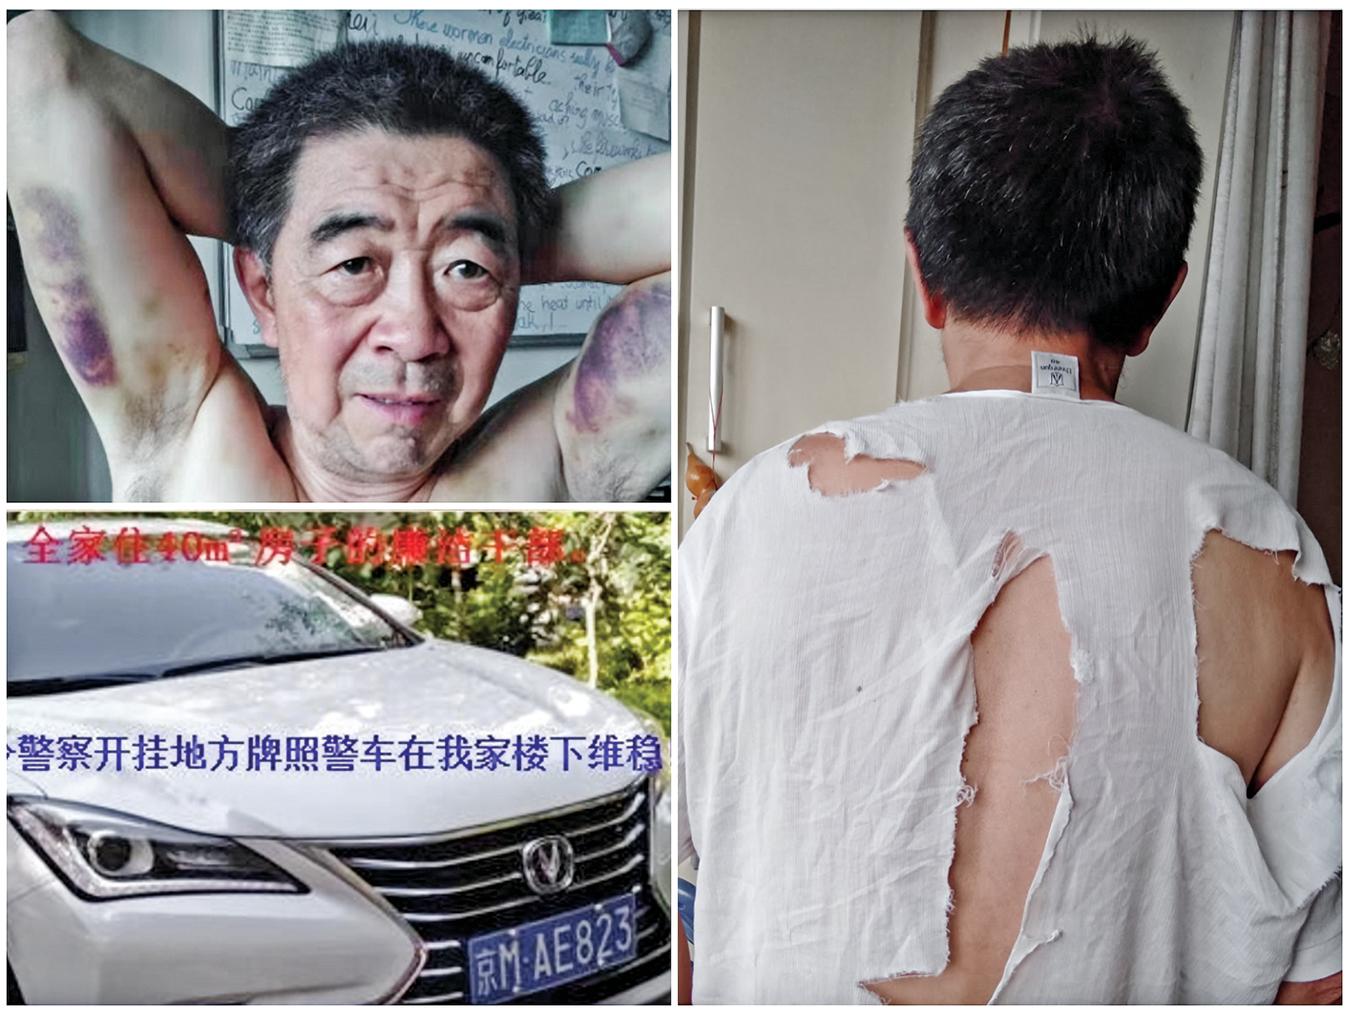 北京科技大學退休教授陳兆志曾經在維權過程中被警察打傷。(大紀元)